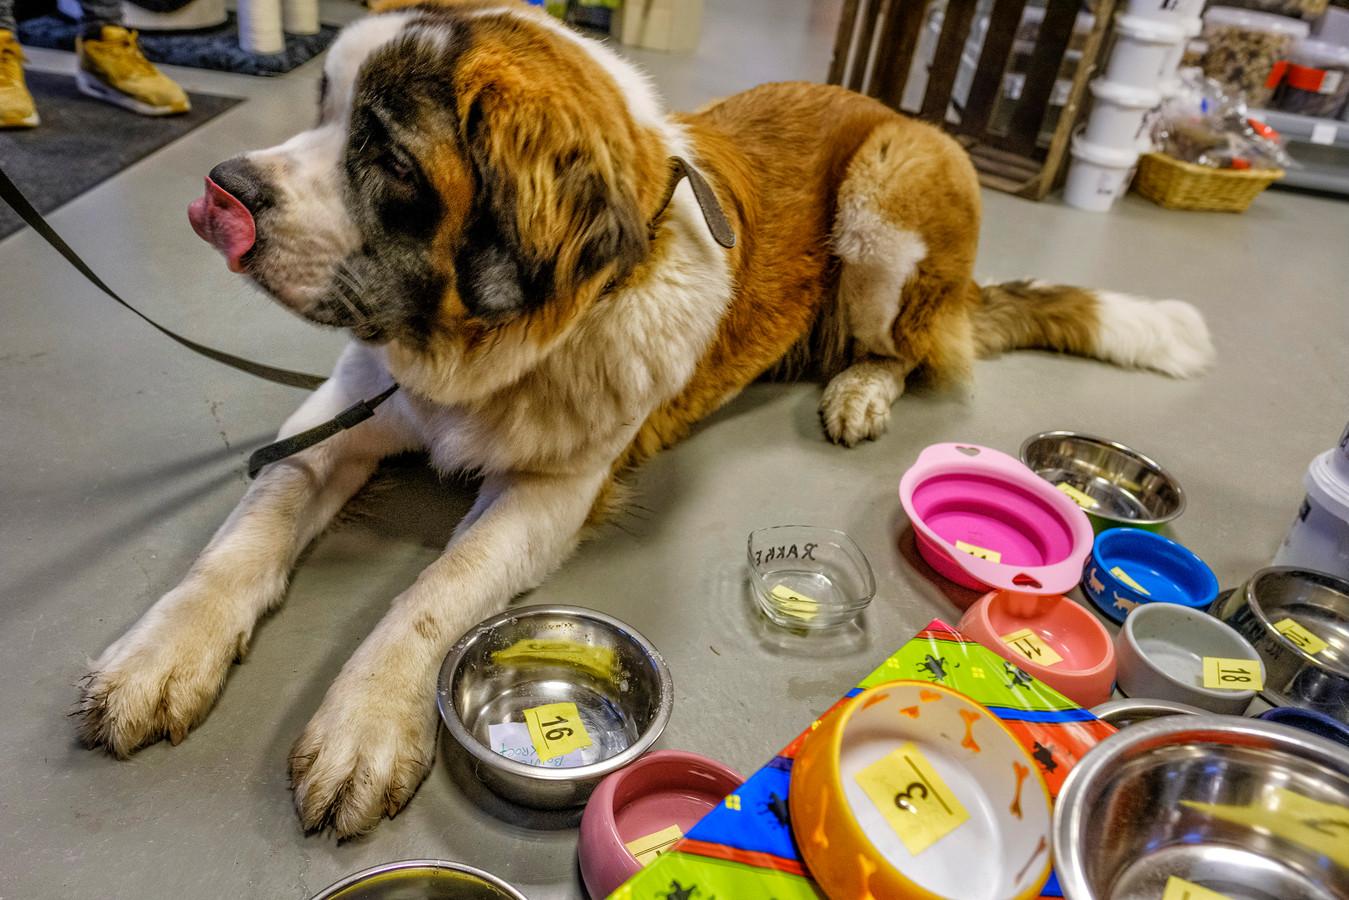 Een sint-bernard in een dierenspeciaalzaak tussen de hondenvoerbakken. Deze archieffoto is niet genomen in de dierenwinkel vab Van Vugt in Drunen.